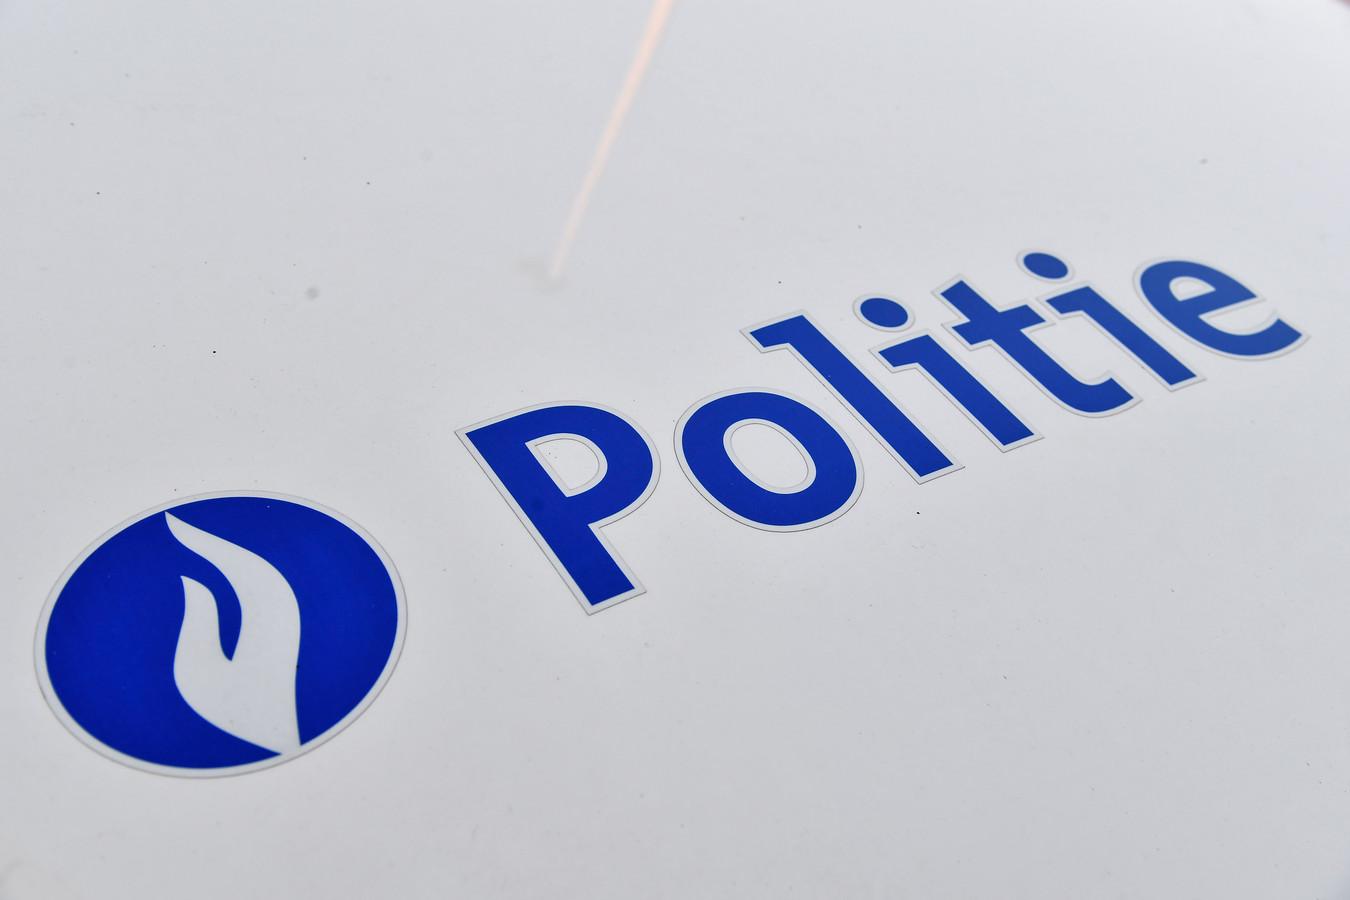 20181117 - Dendermonde- Foto Geert De Rycke Politie Dendermonde  controle